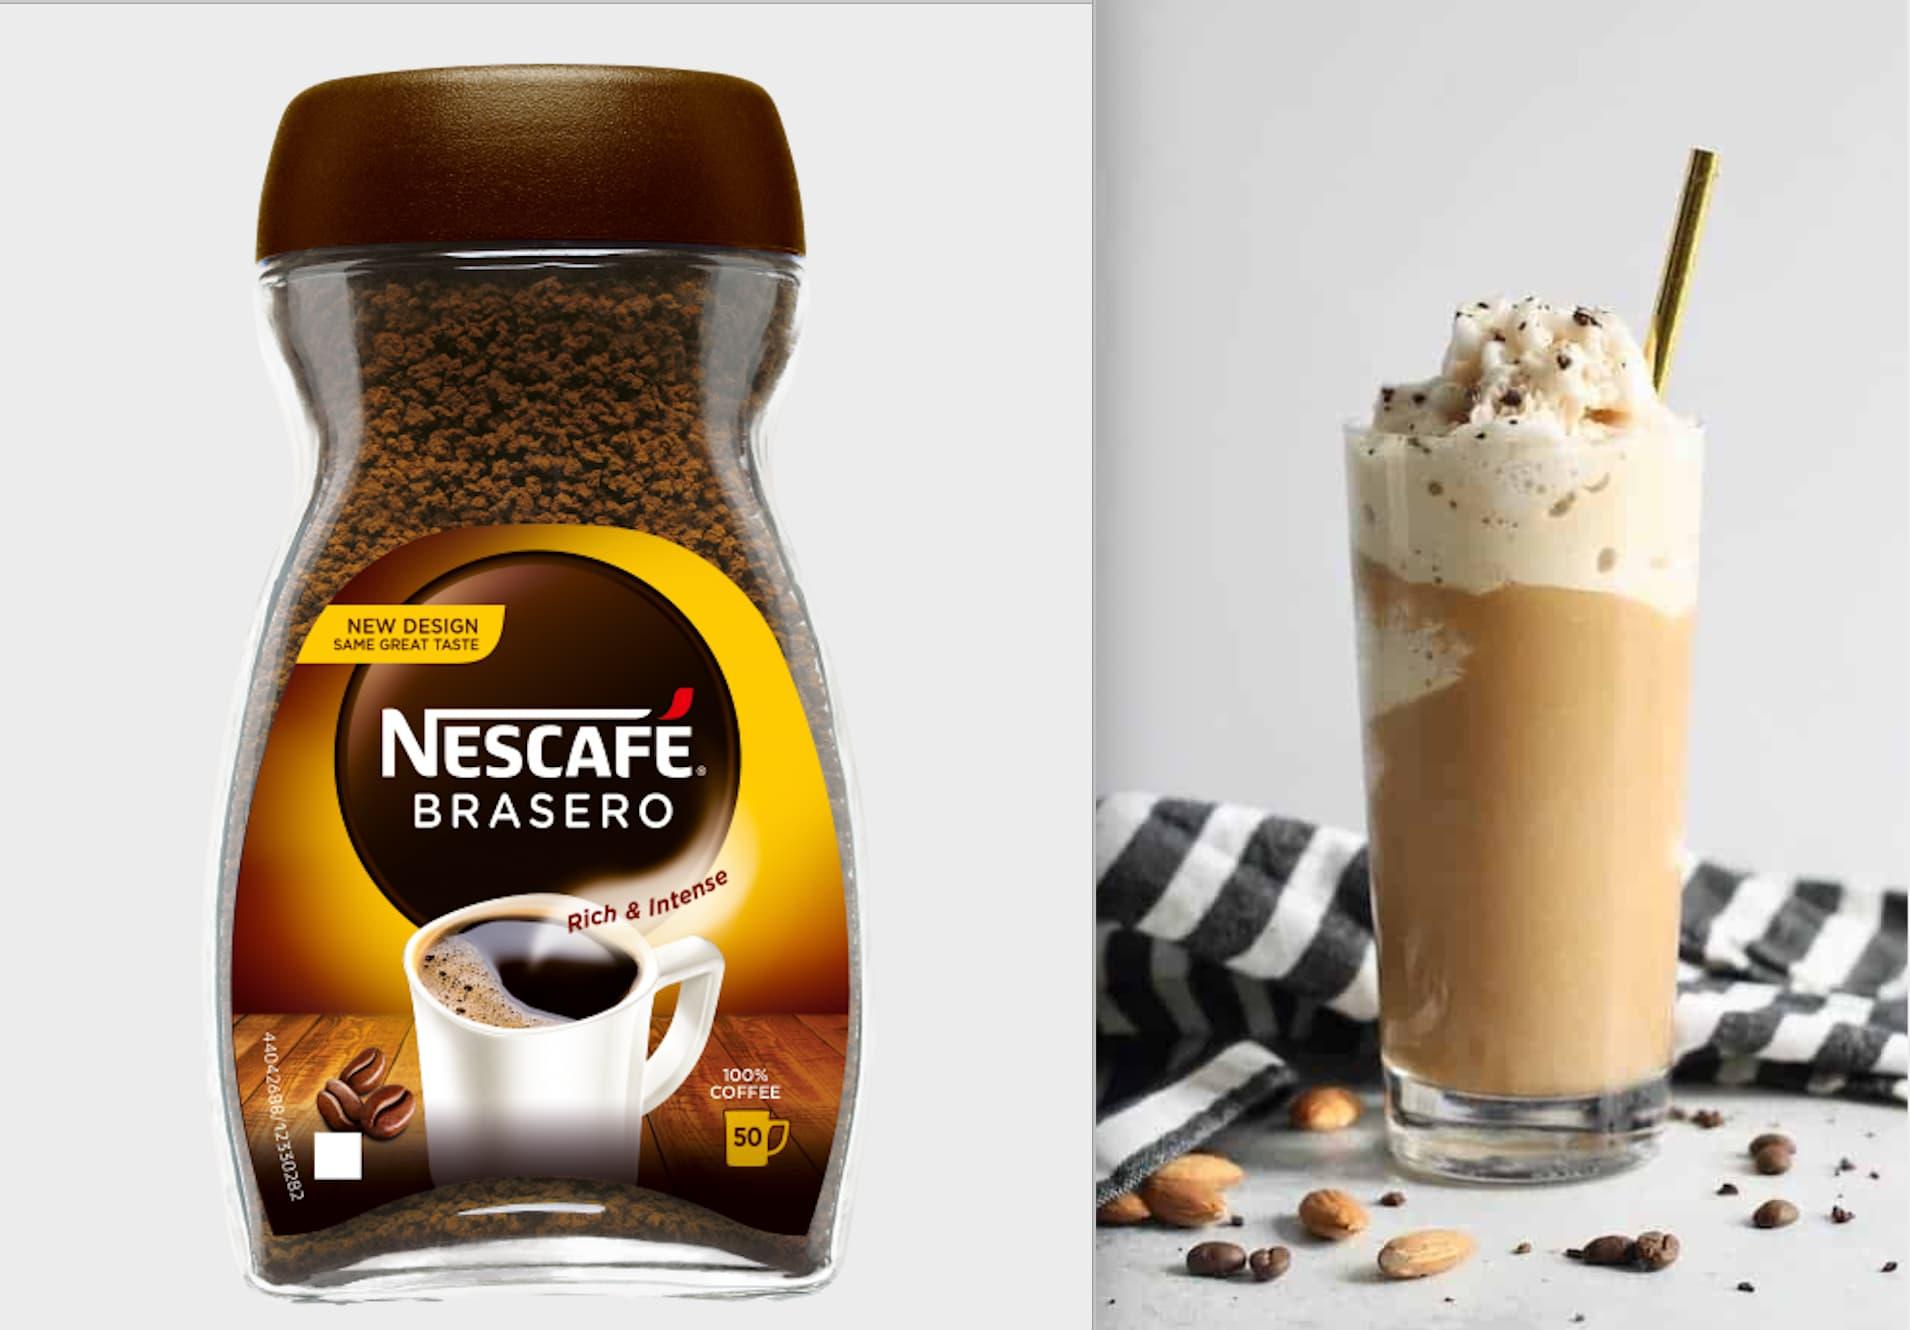 Har du lyst på noe ekstra godt? Da er frappuccino iskaffen for deg.